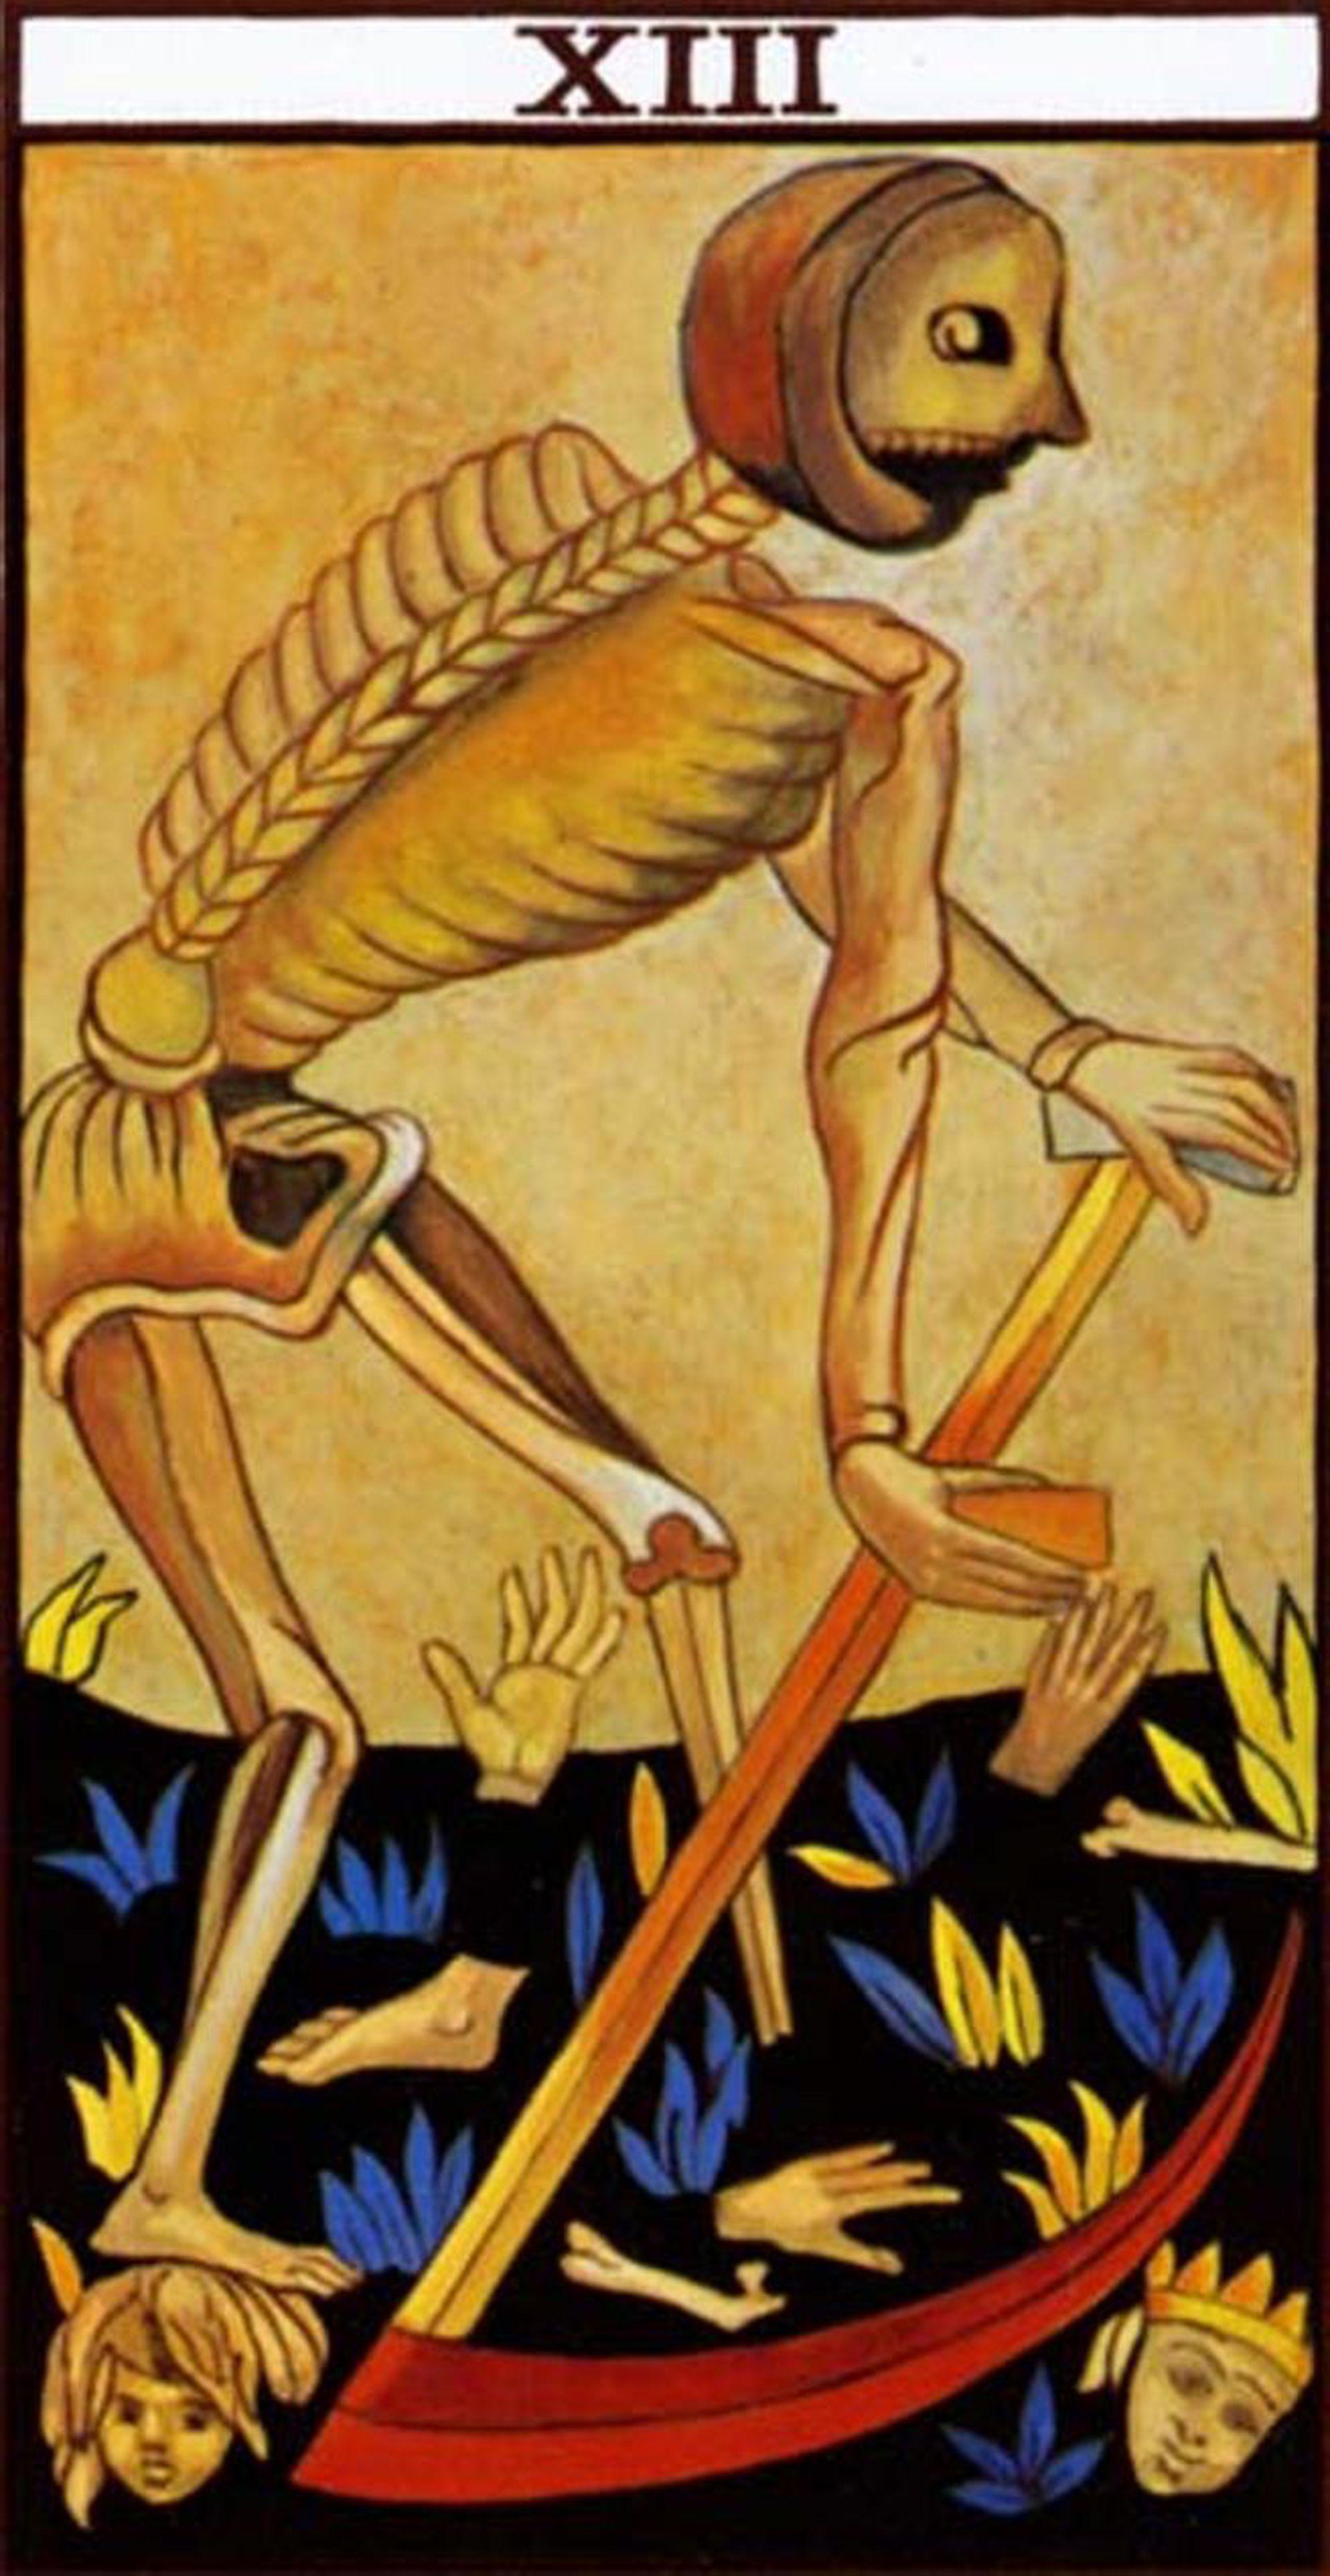 La carta del Tarot número 13, otro de los símbolos de este día